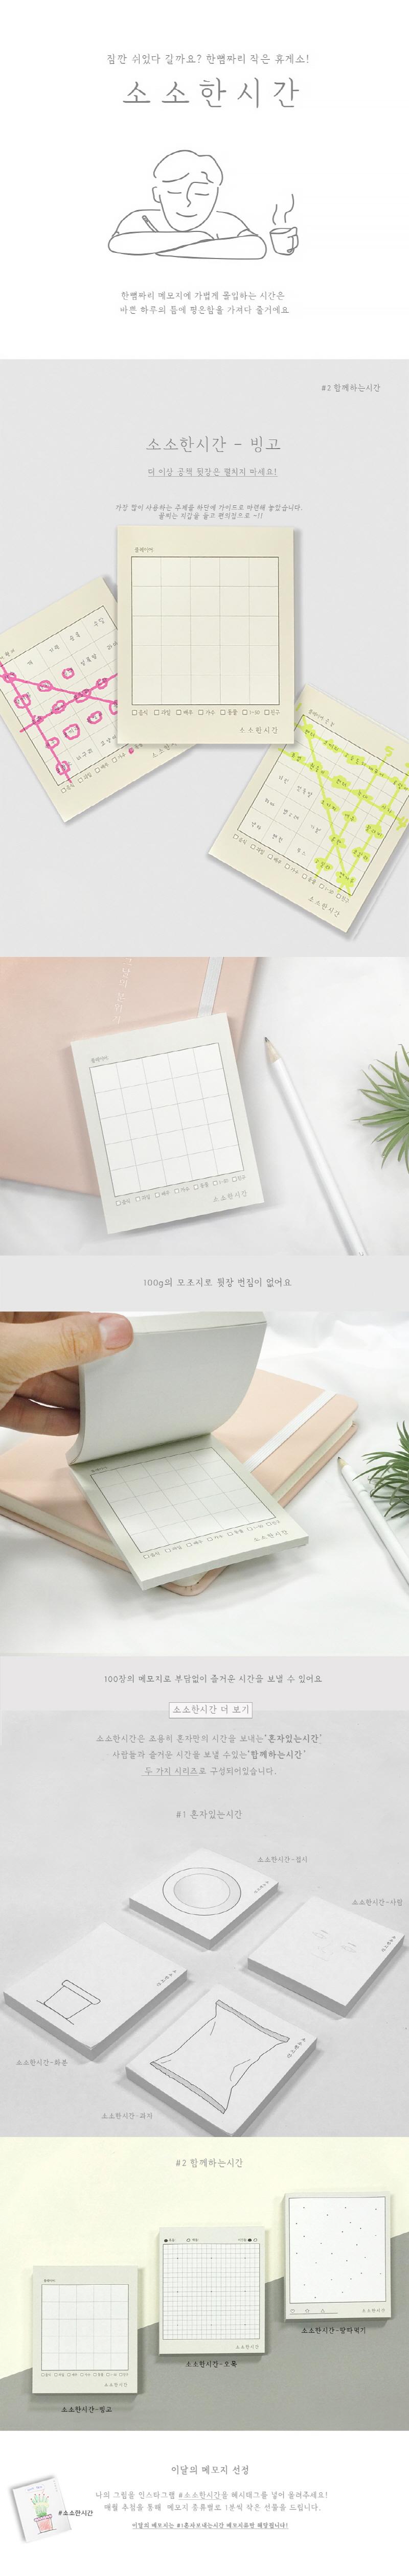 소소한시간 - 빙고 - 프리템포, 2,500원, 메모/점착메모, 메모지